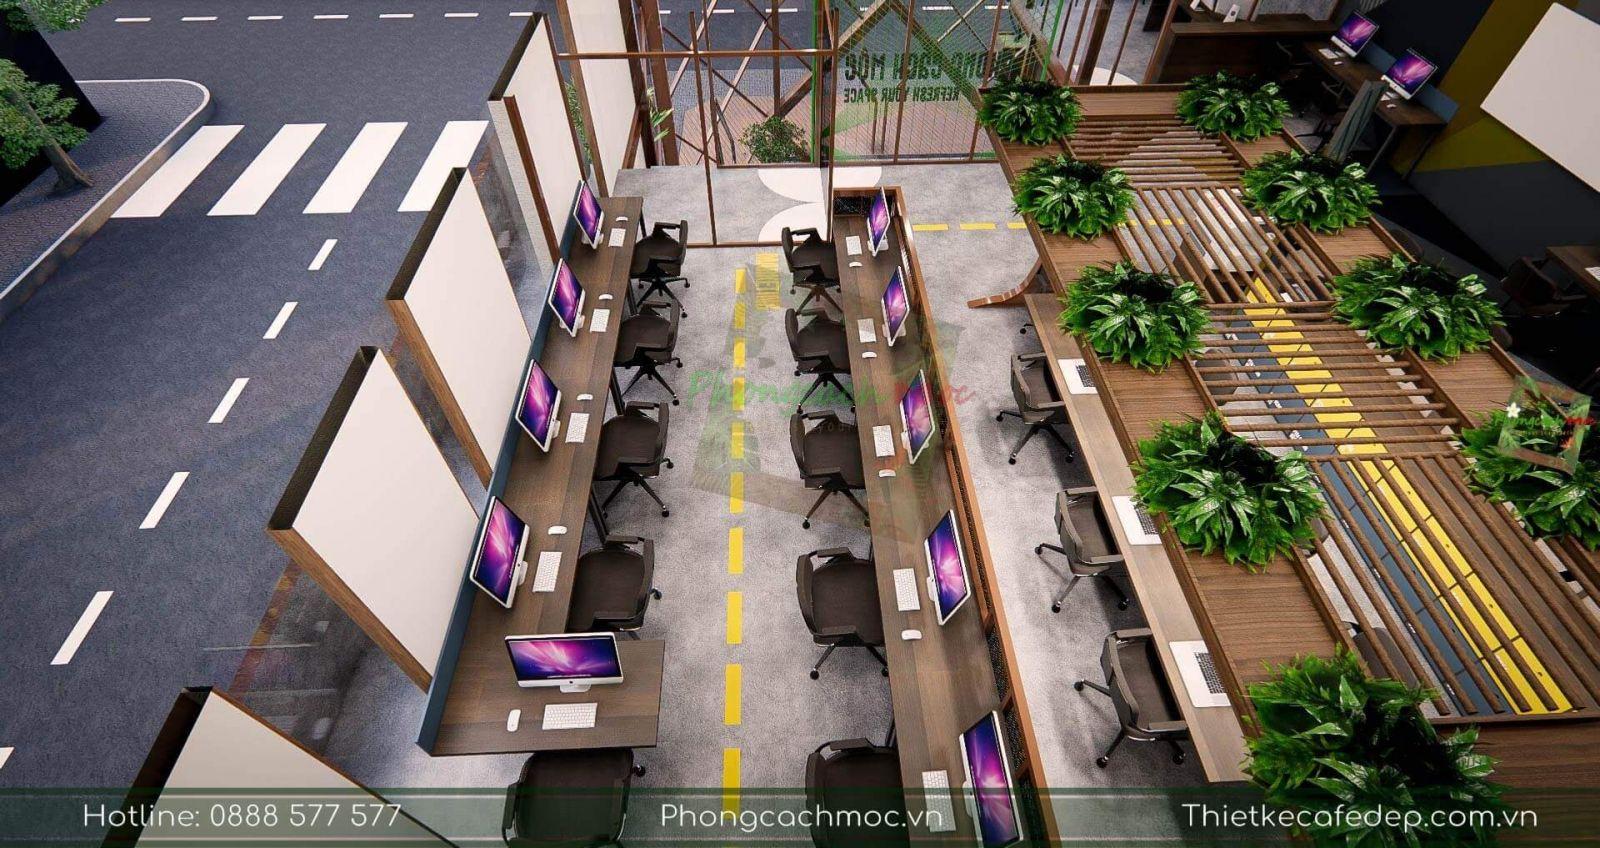 thiết kế không gian nội thất văn phòng kết cấu nhà thép tiền chế